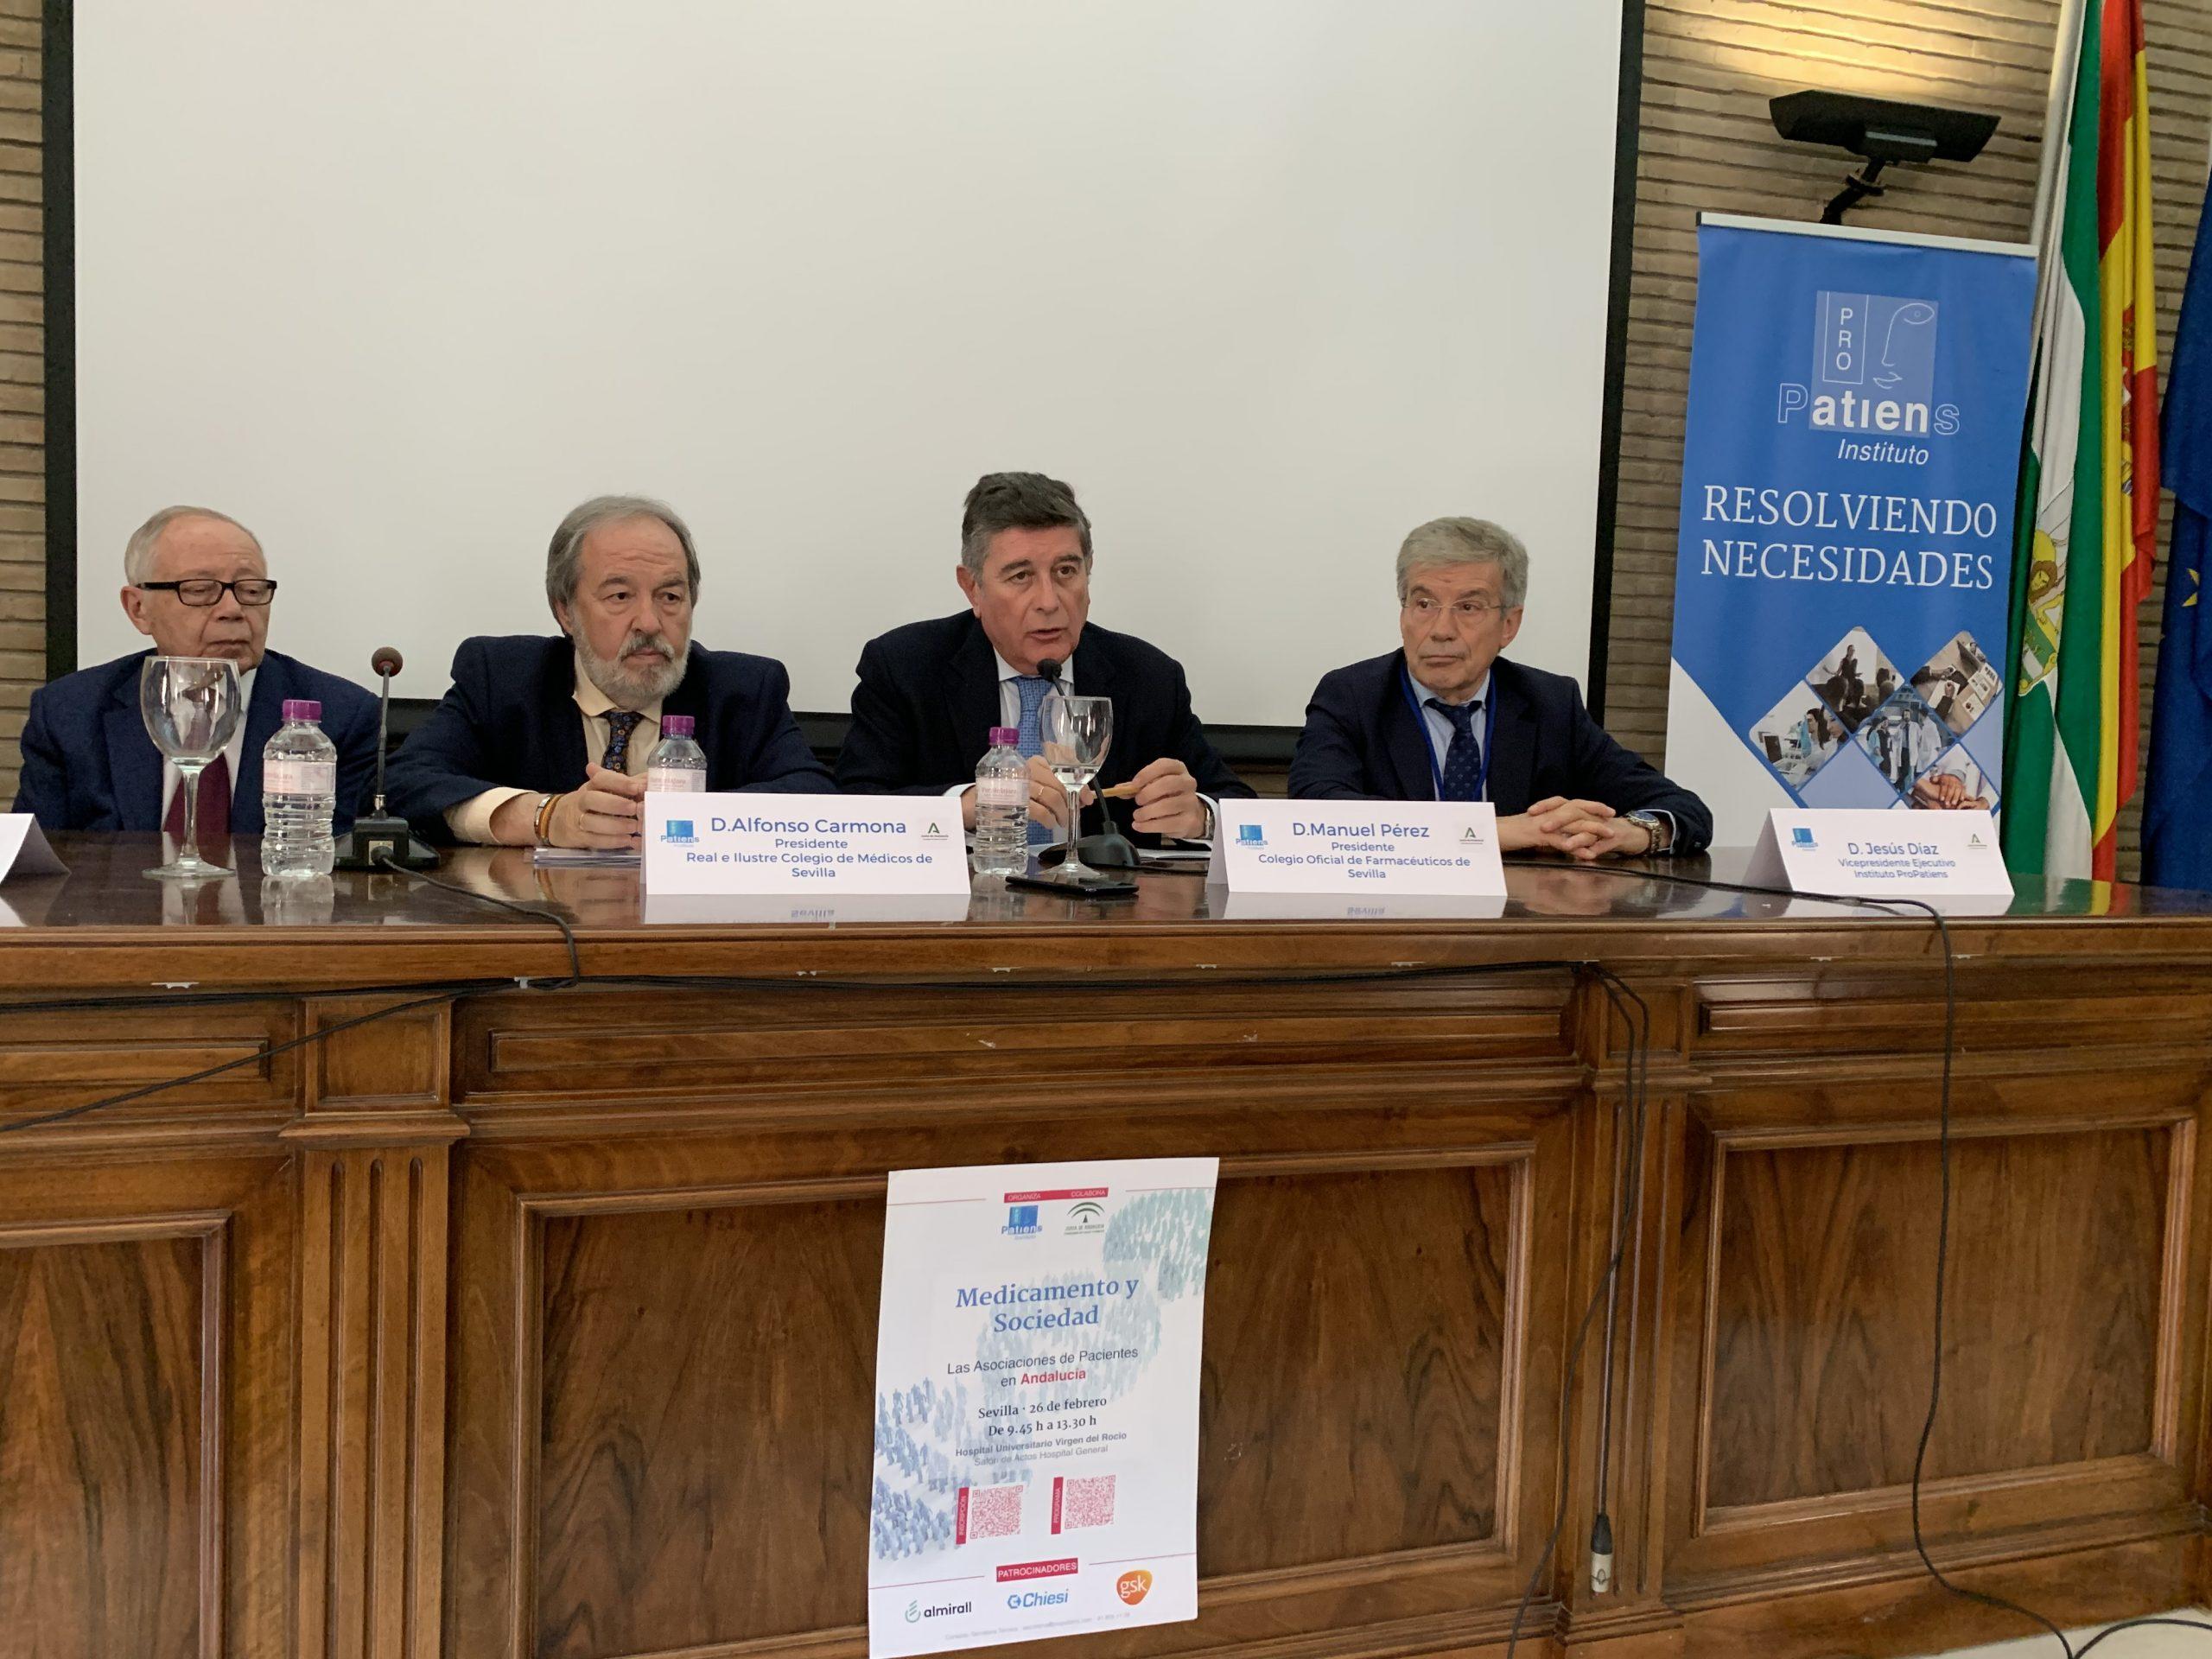 """mesa de clausura scaled - El Instituto ProPatiens celebra en Sevilla la """"Jornada Medicamento y Sociedad: Las Asociaciones de Pacientes en Andalucía"""""""